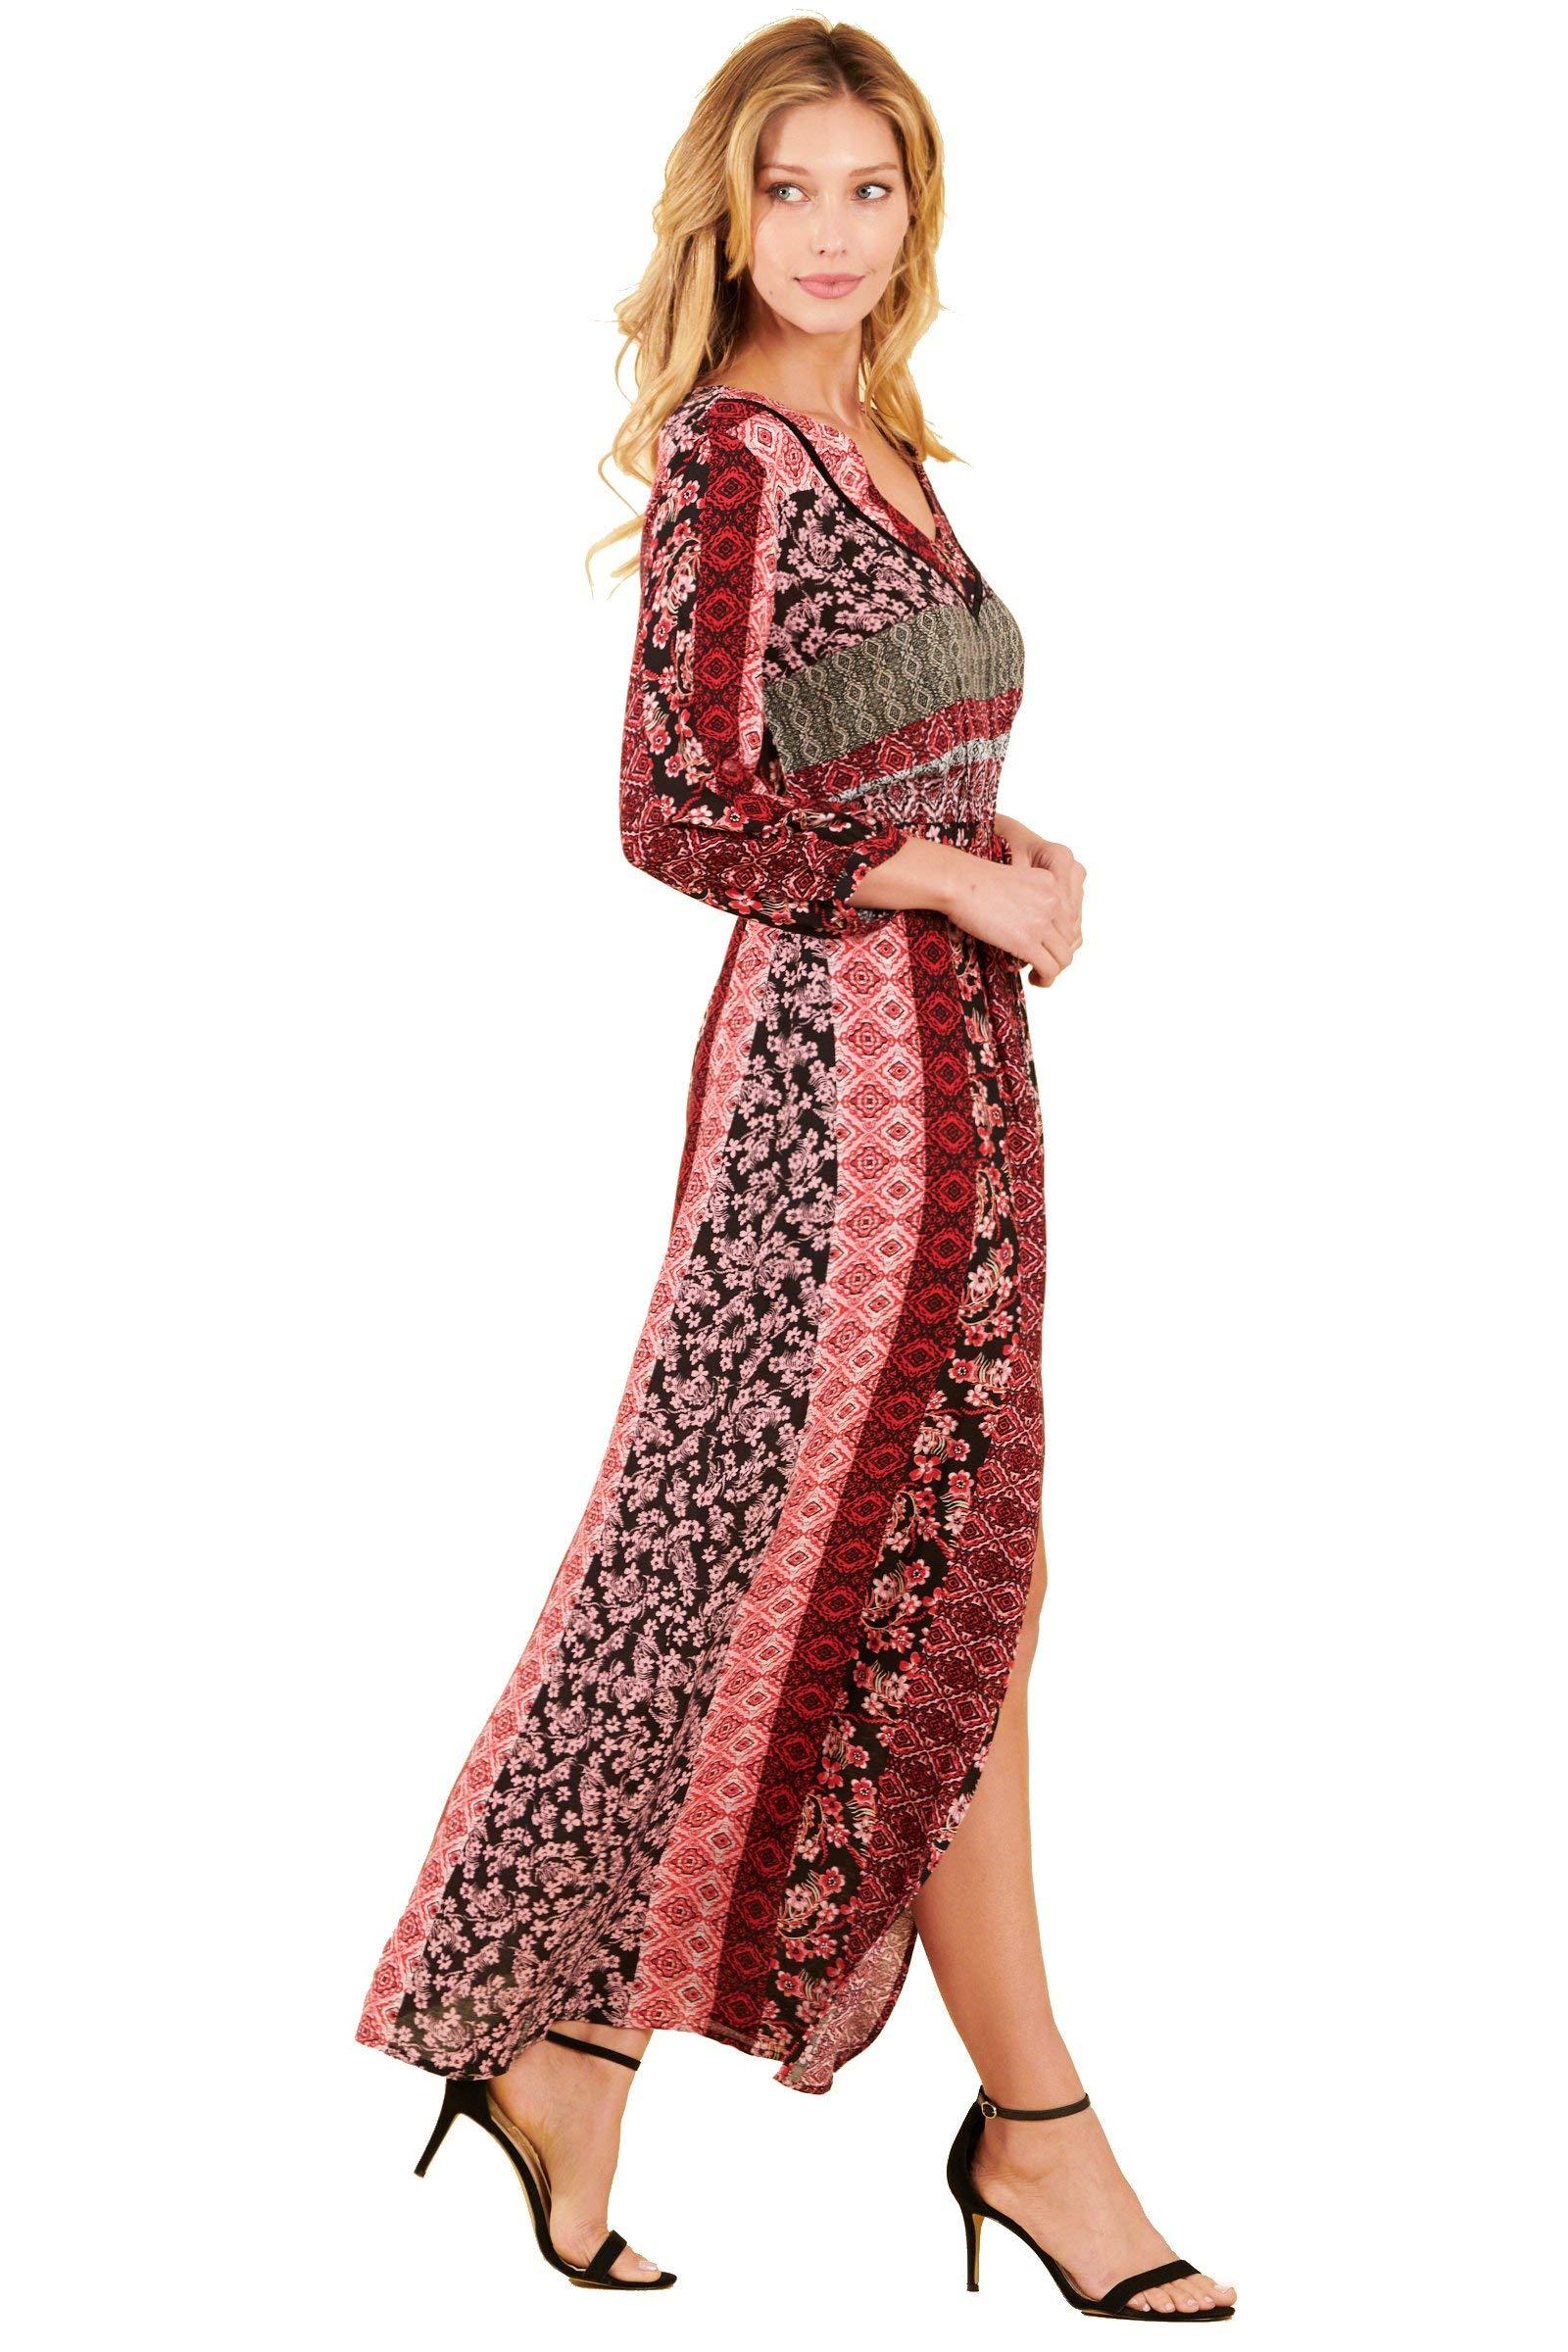 Truly Me, Women's 3/4 SLV V-Neck Split Skirt Dress W/Neck Trim (Burgundy Black, XL)